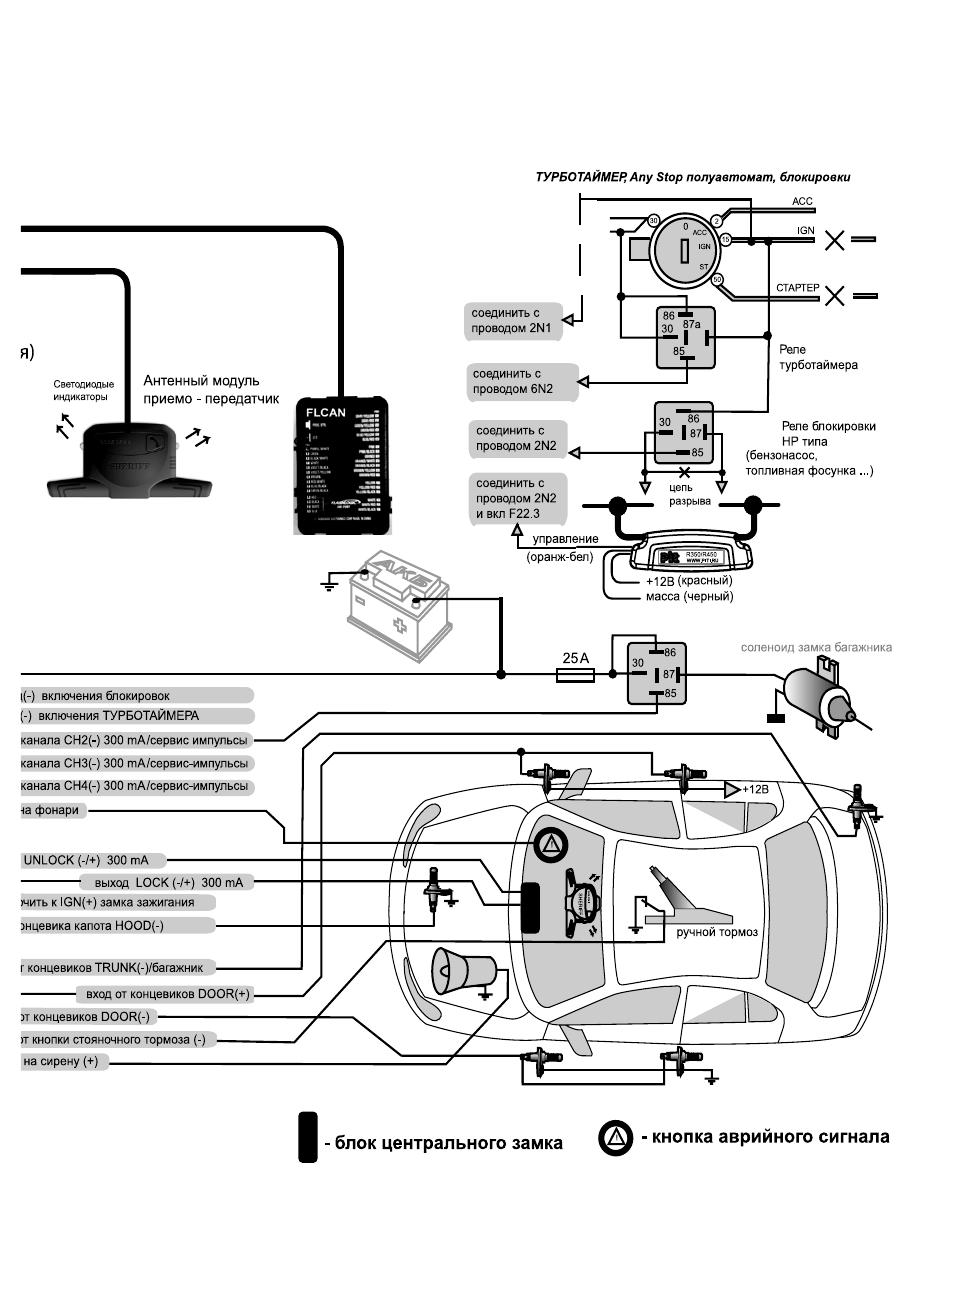 Сигналізації на авто з gsm і gps. Сигналізації на авто з gsm і gps основні параметри, які варто враховувати при виборі